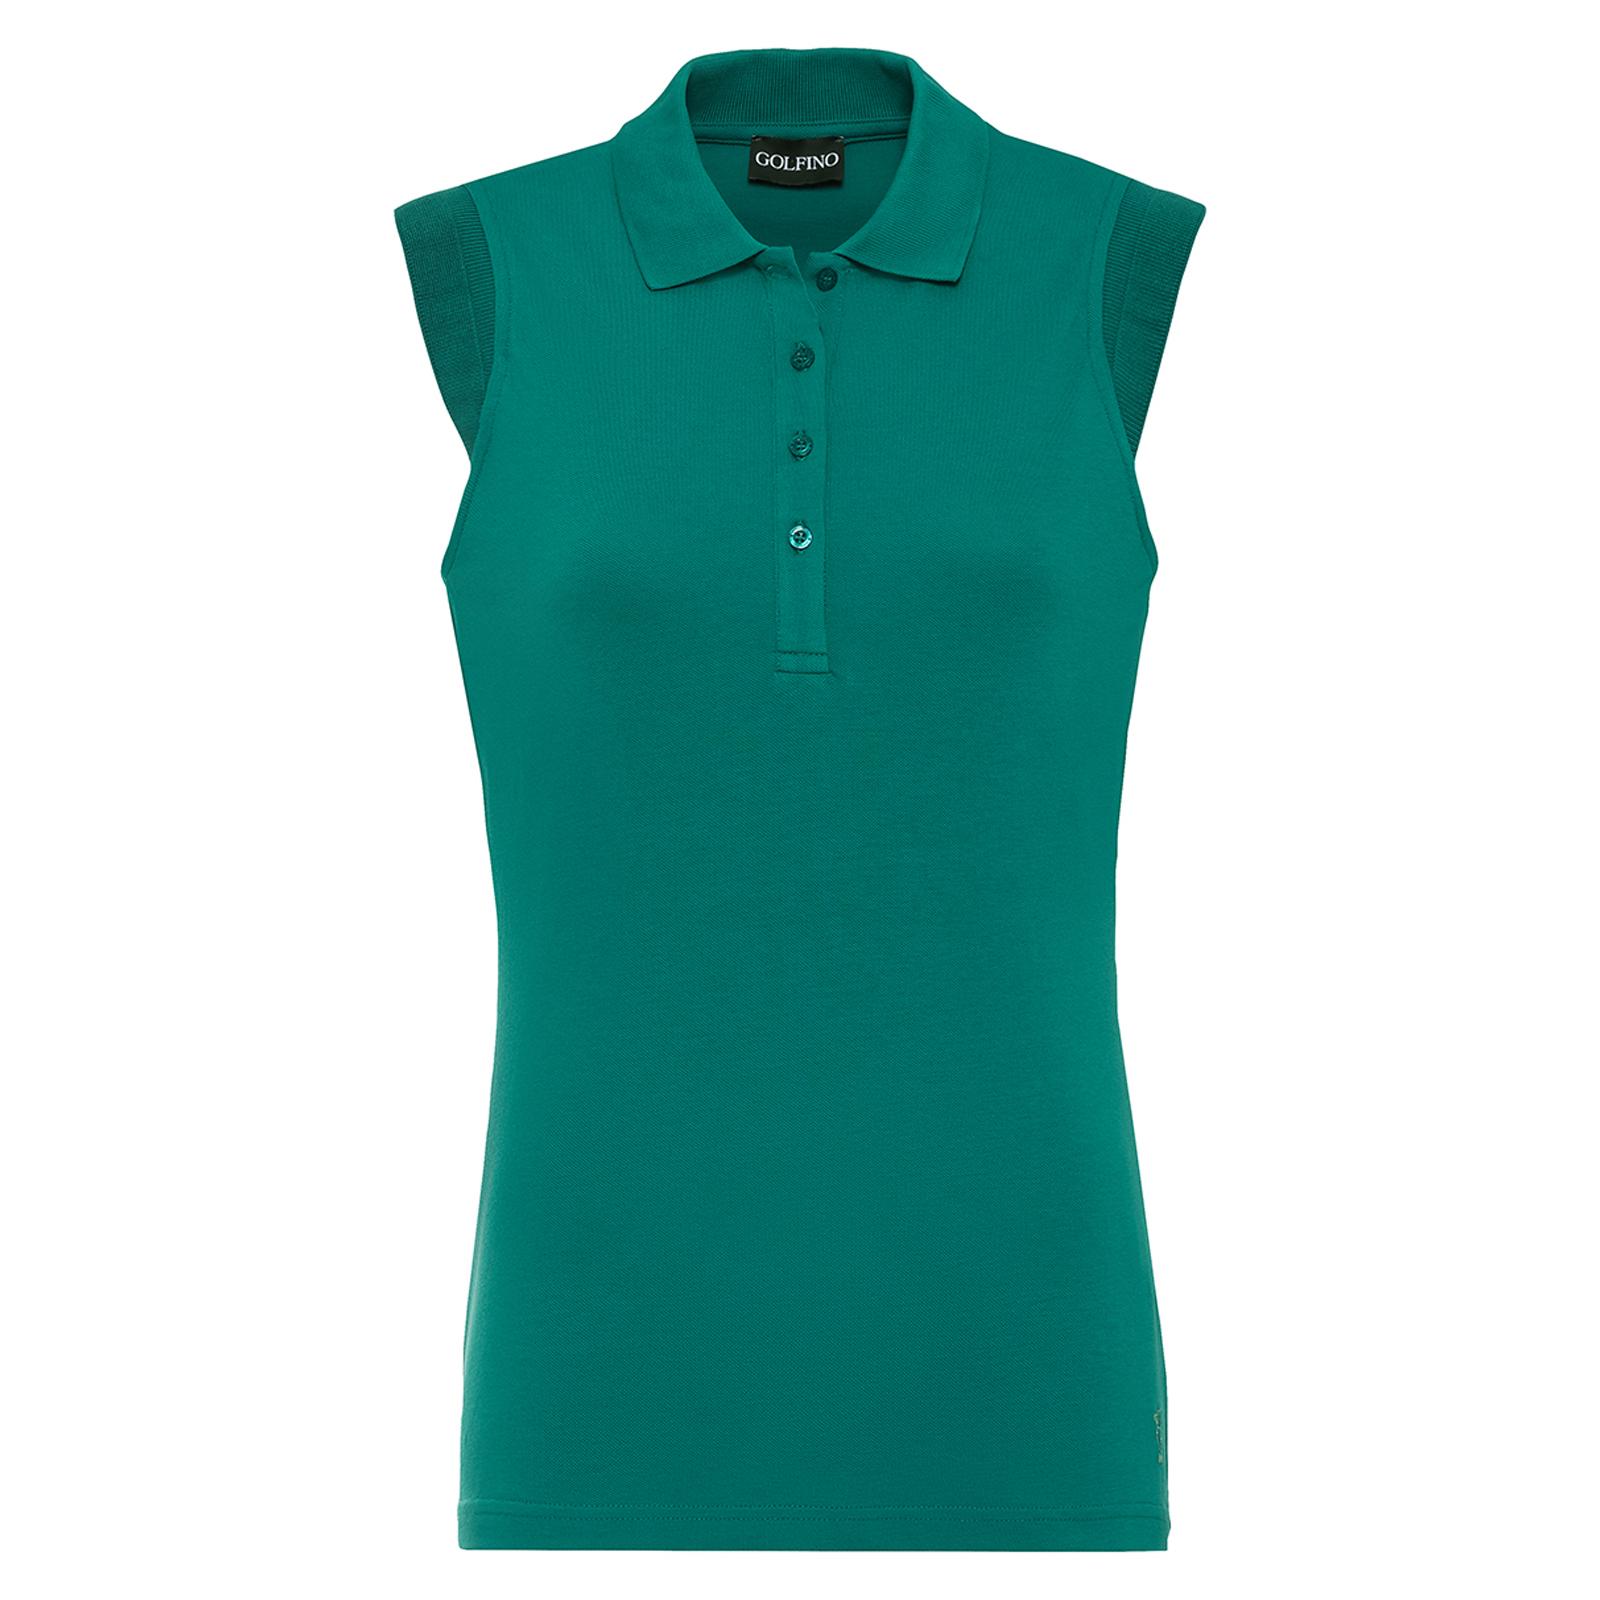 Ärmelloses Damen Golfpolo mit Sonnenschutz und Extra Stretch Komfort Slim Fit